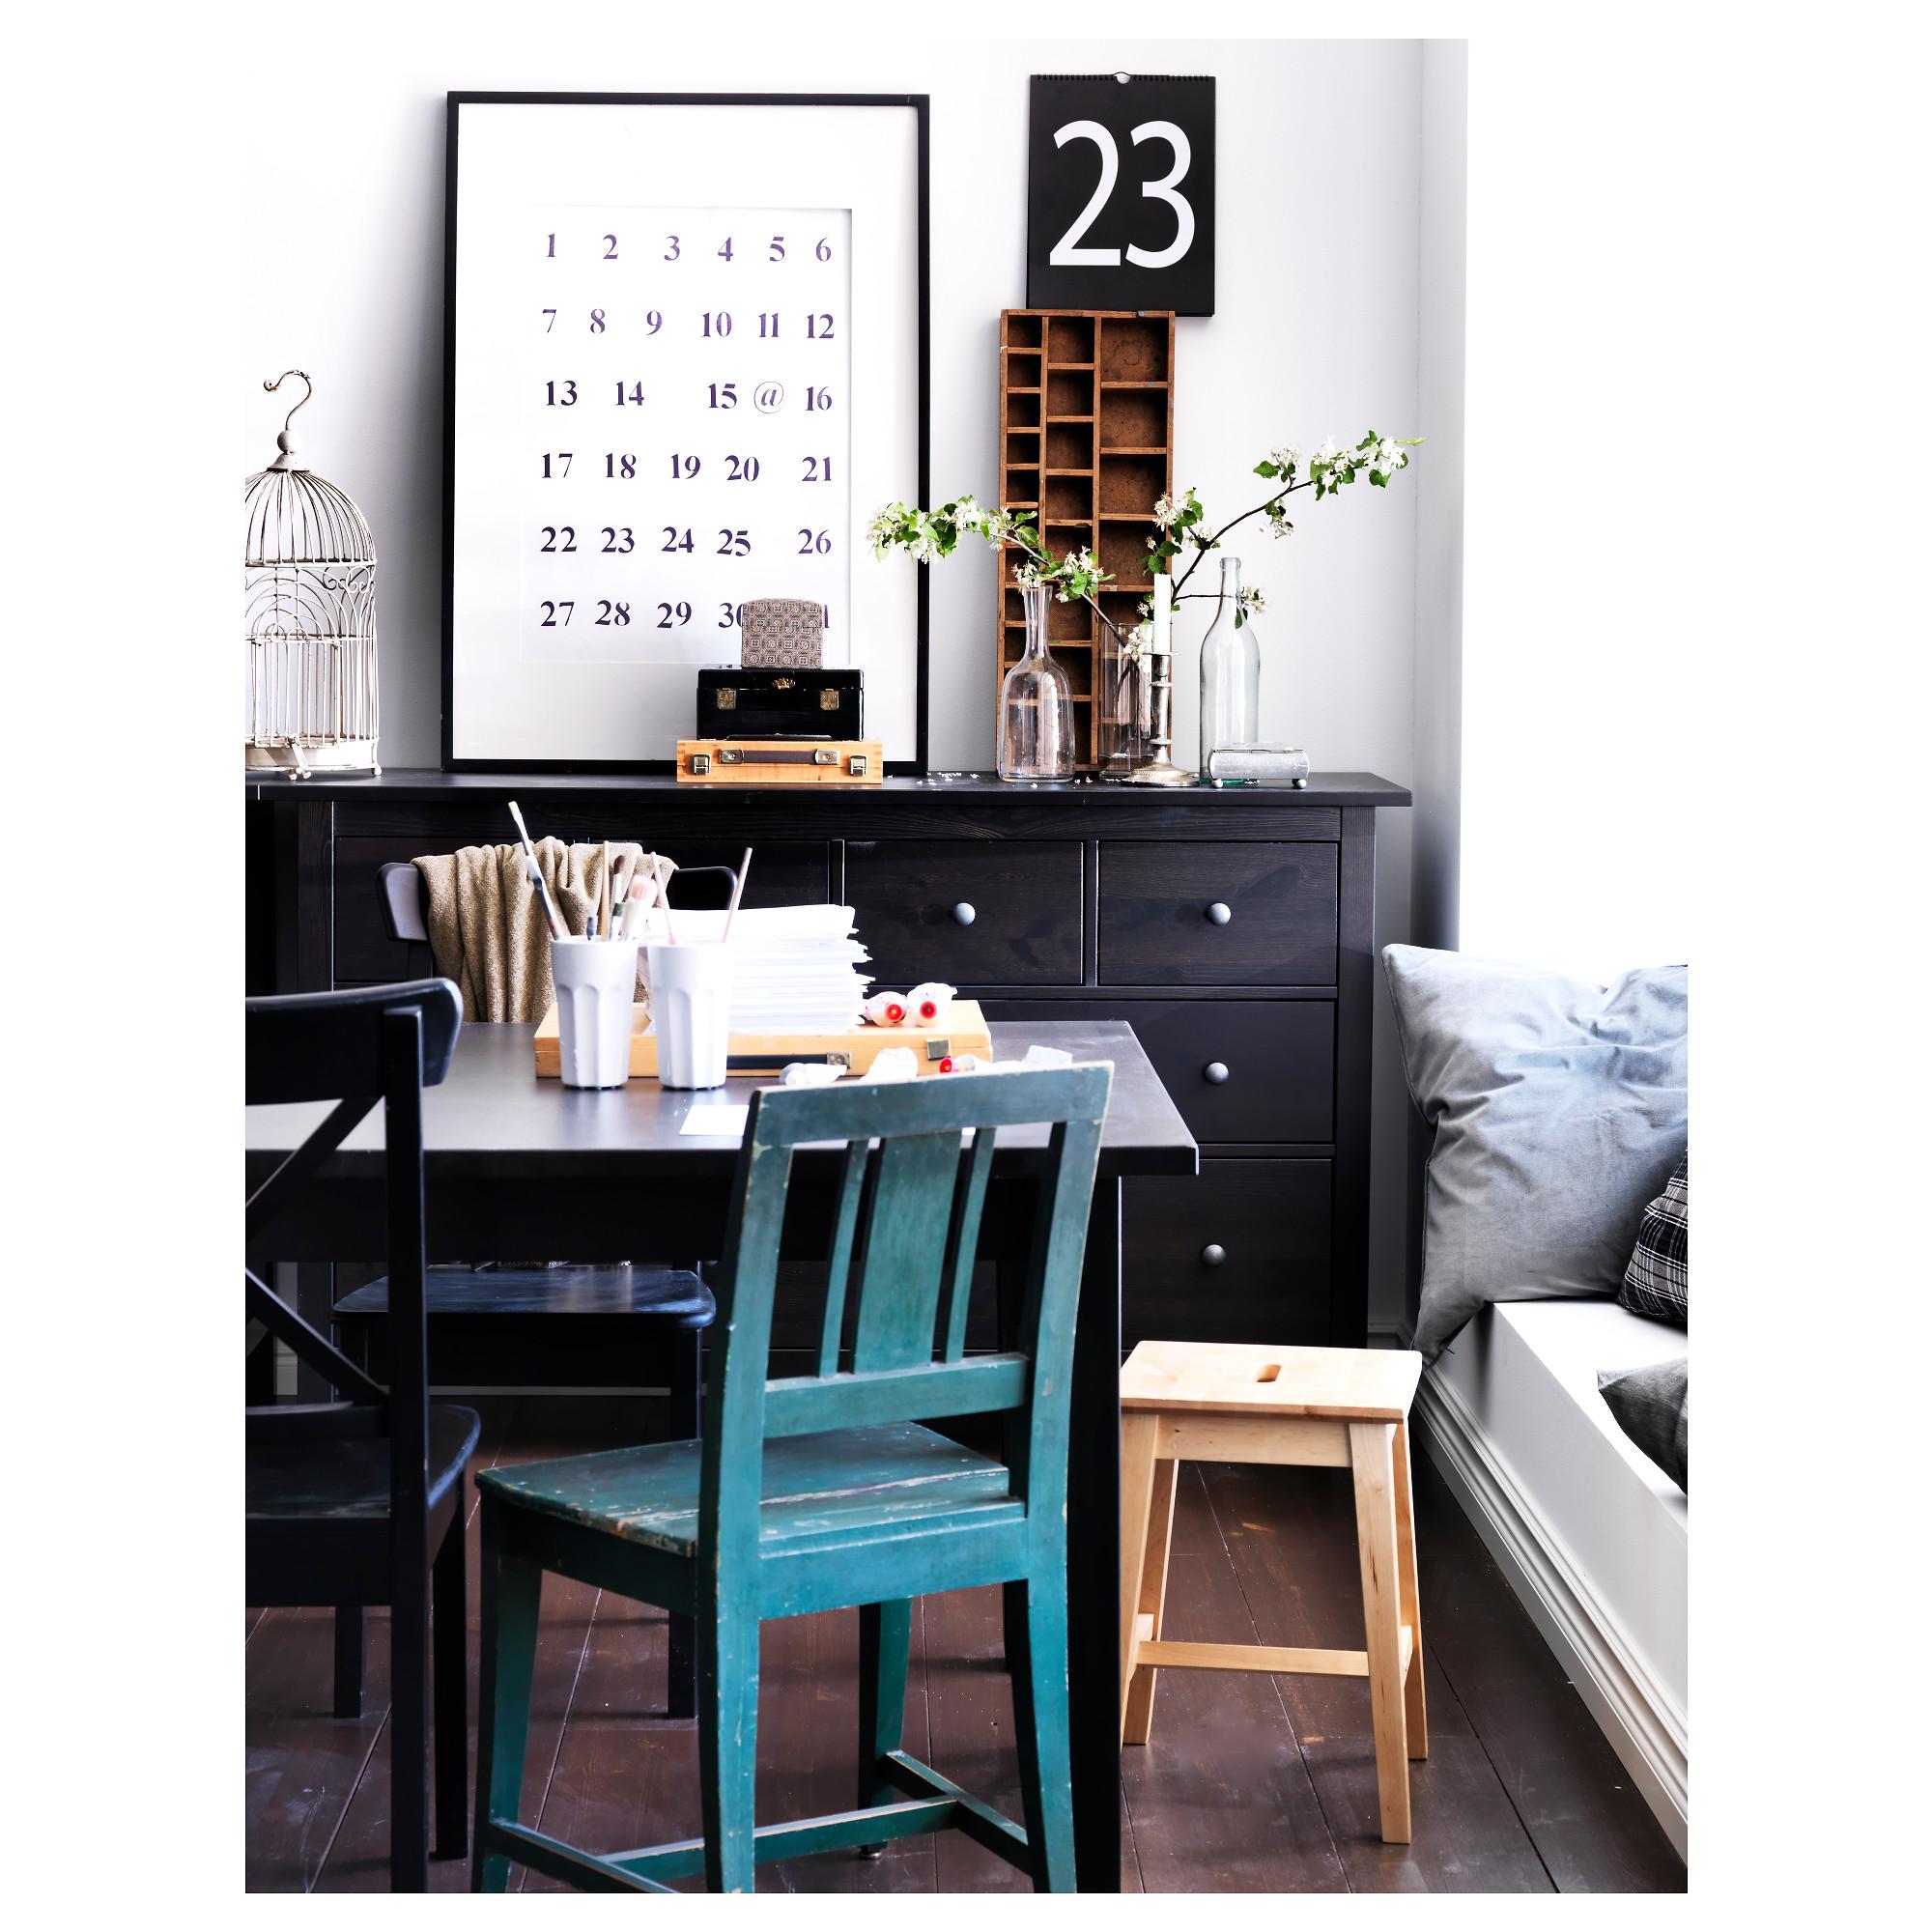 Чёрно-коричневая мебель икеа в интерьере